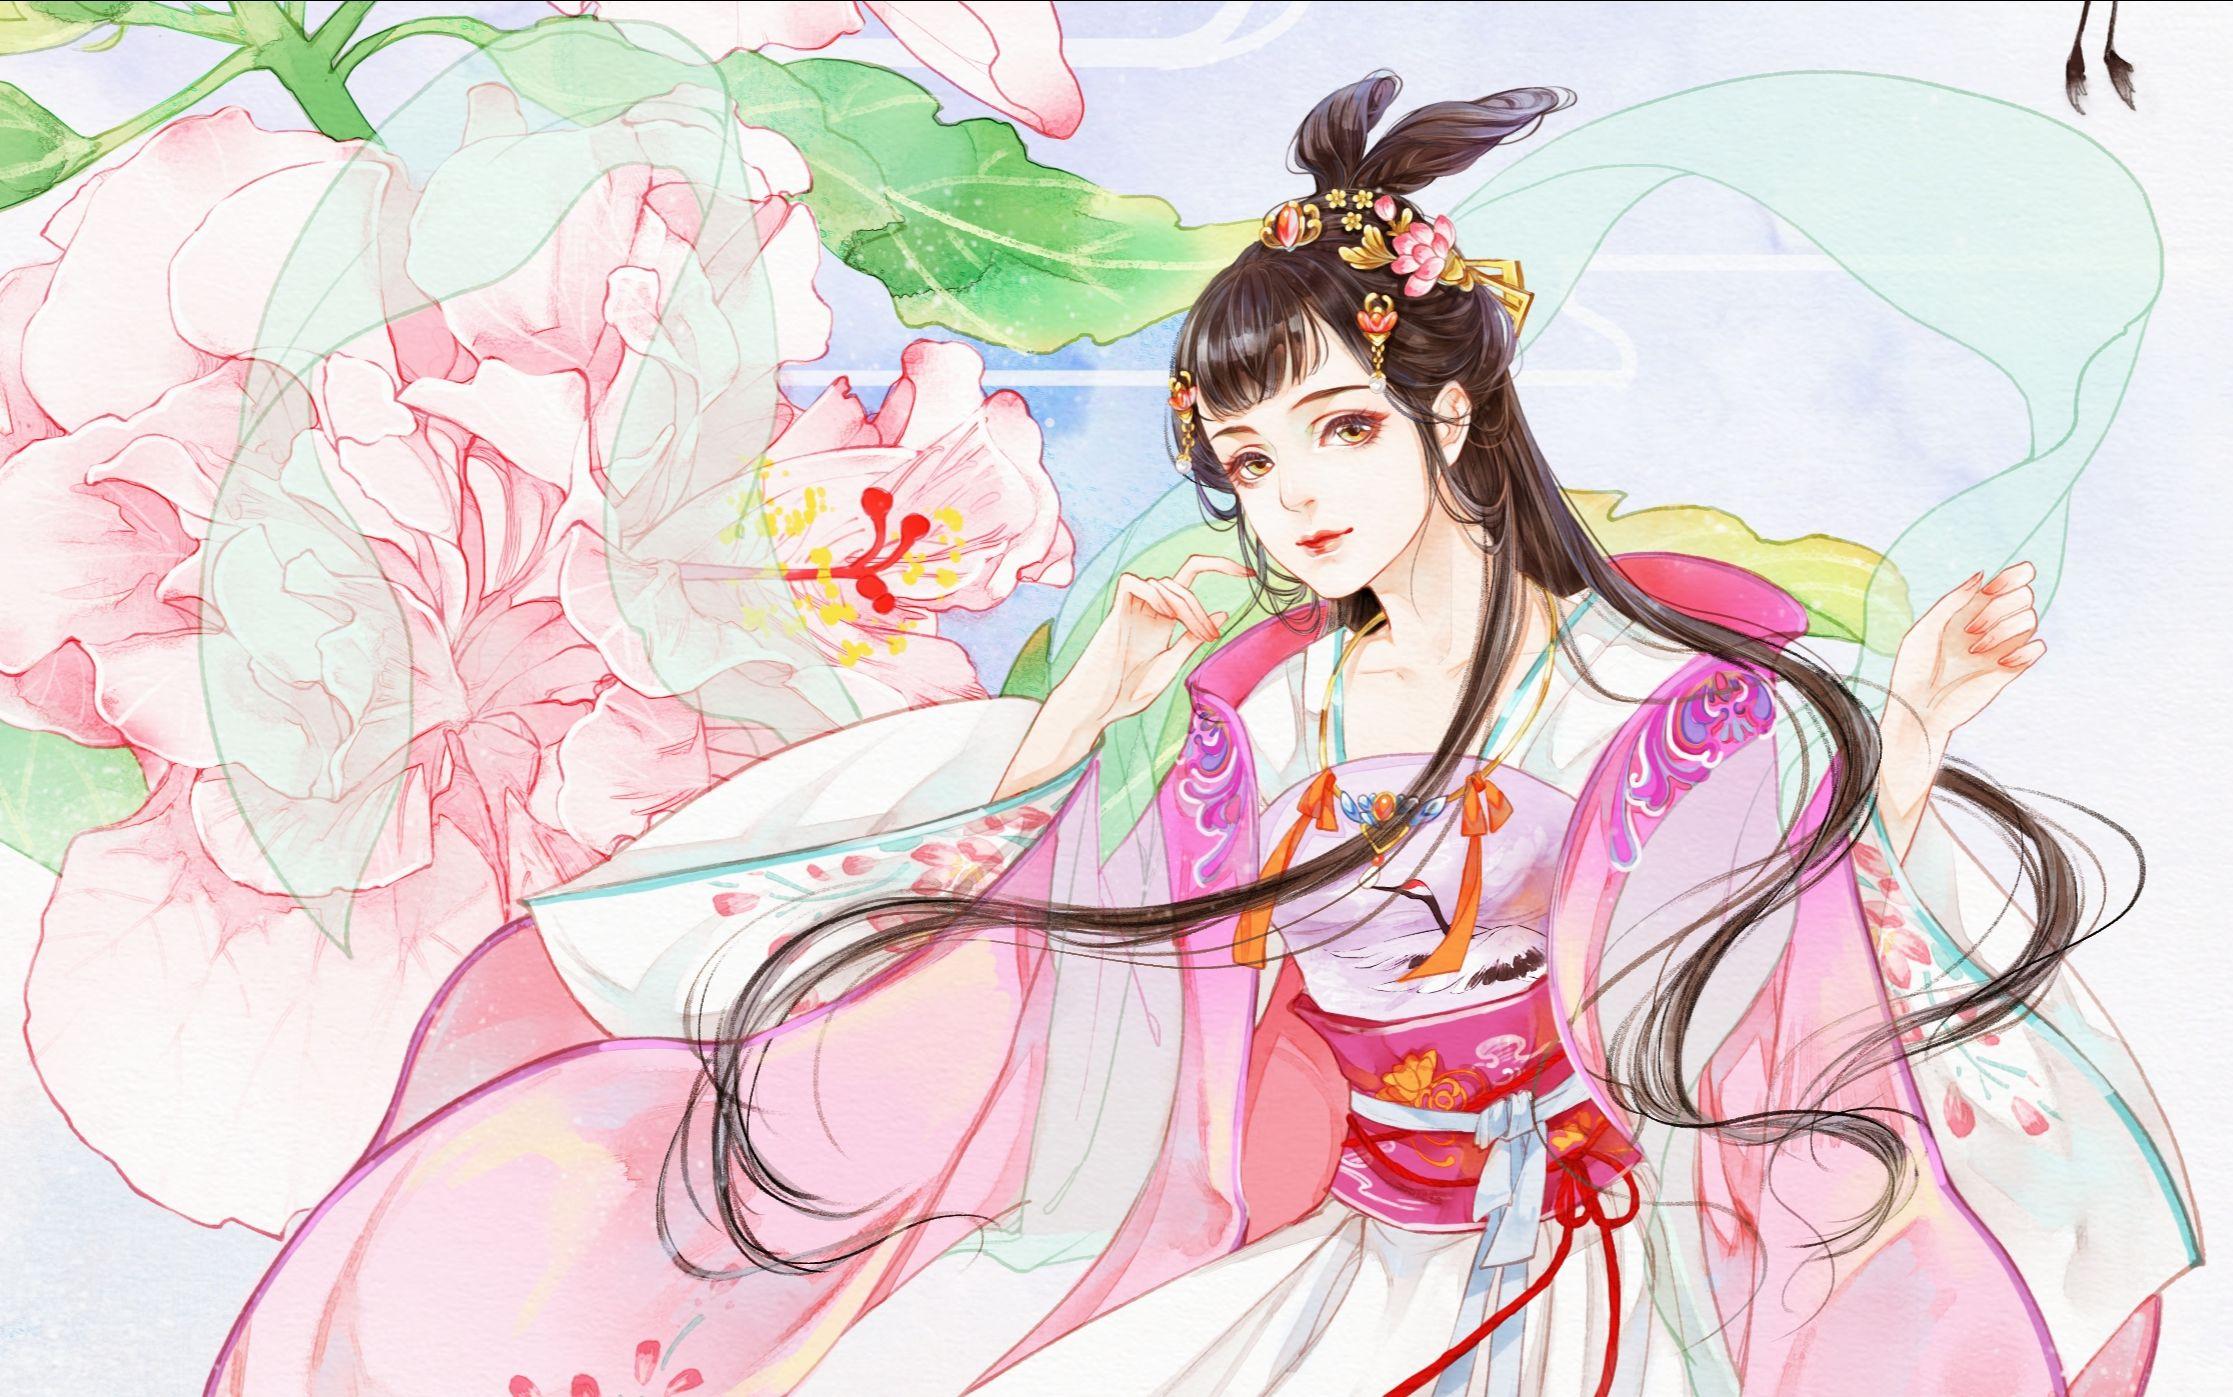 小仙女上色过程图片